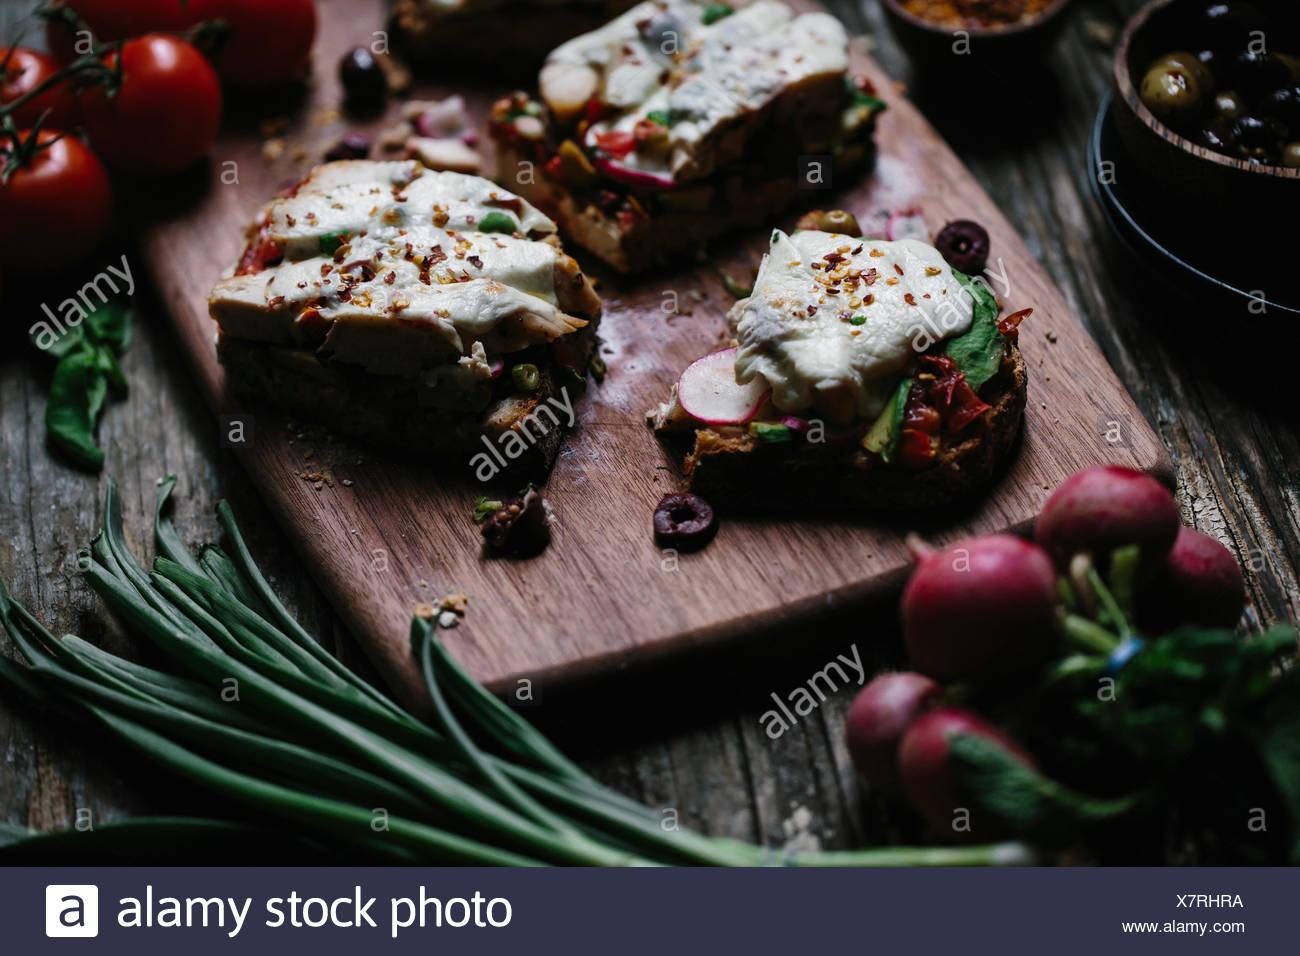 Ein in Scheiben geschnittene Open Face Huhn Caprese Sandwich wird aus der Vorderansicht fotografiert. Stockbild